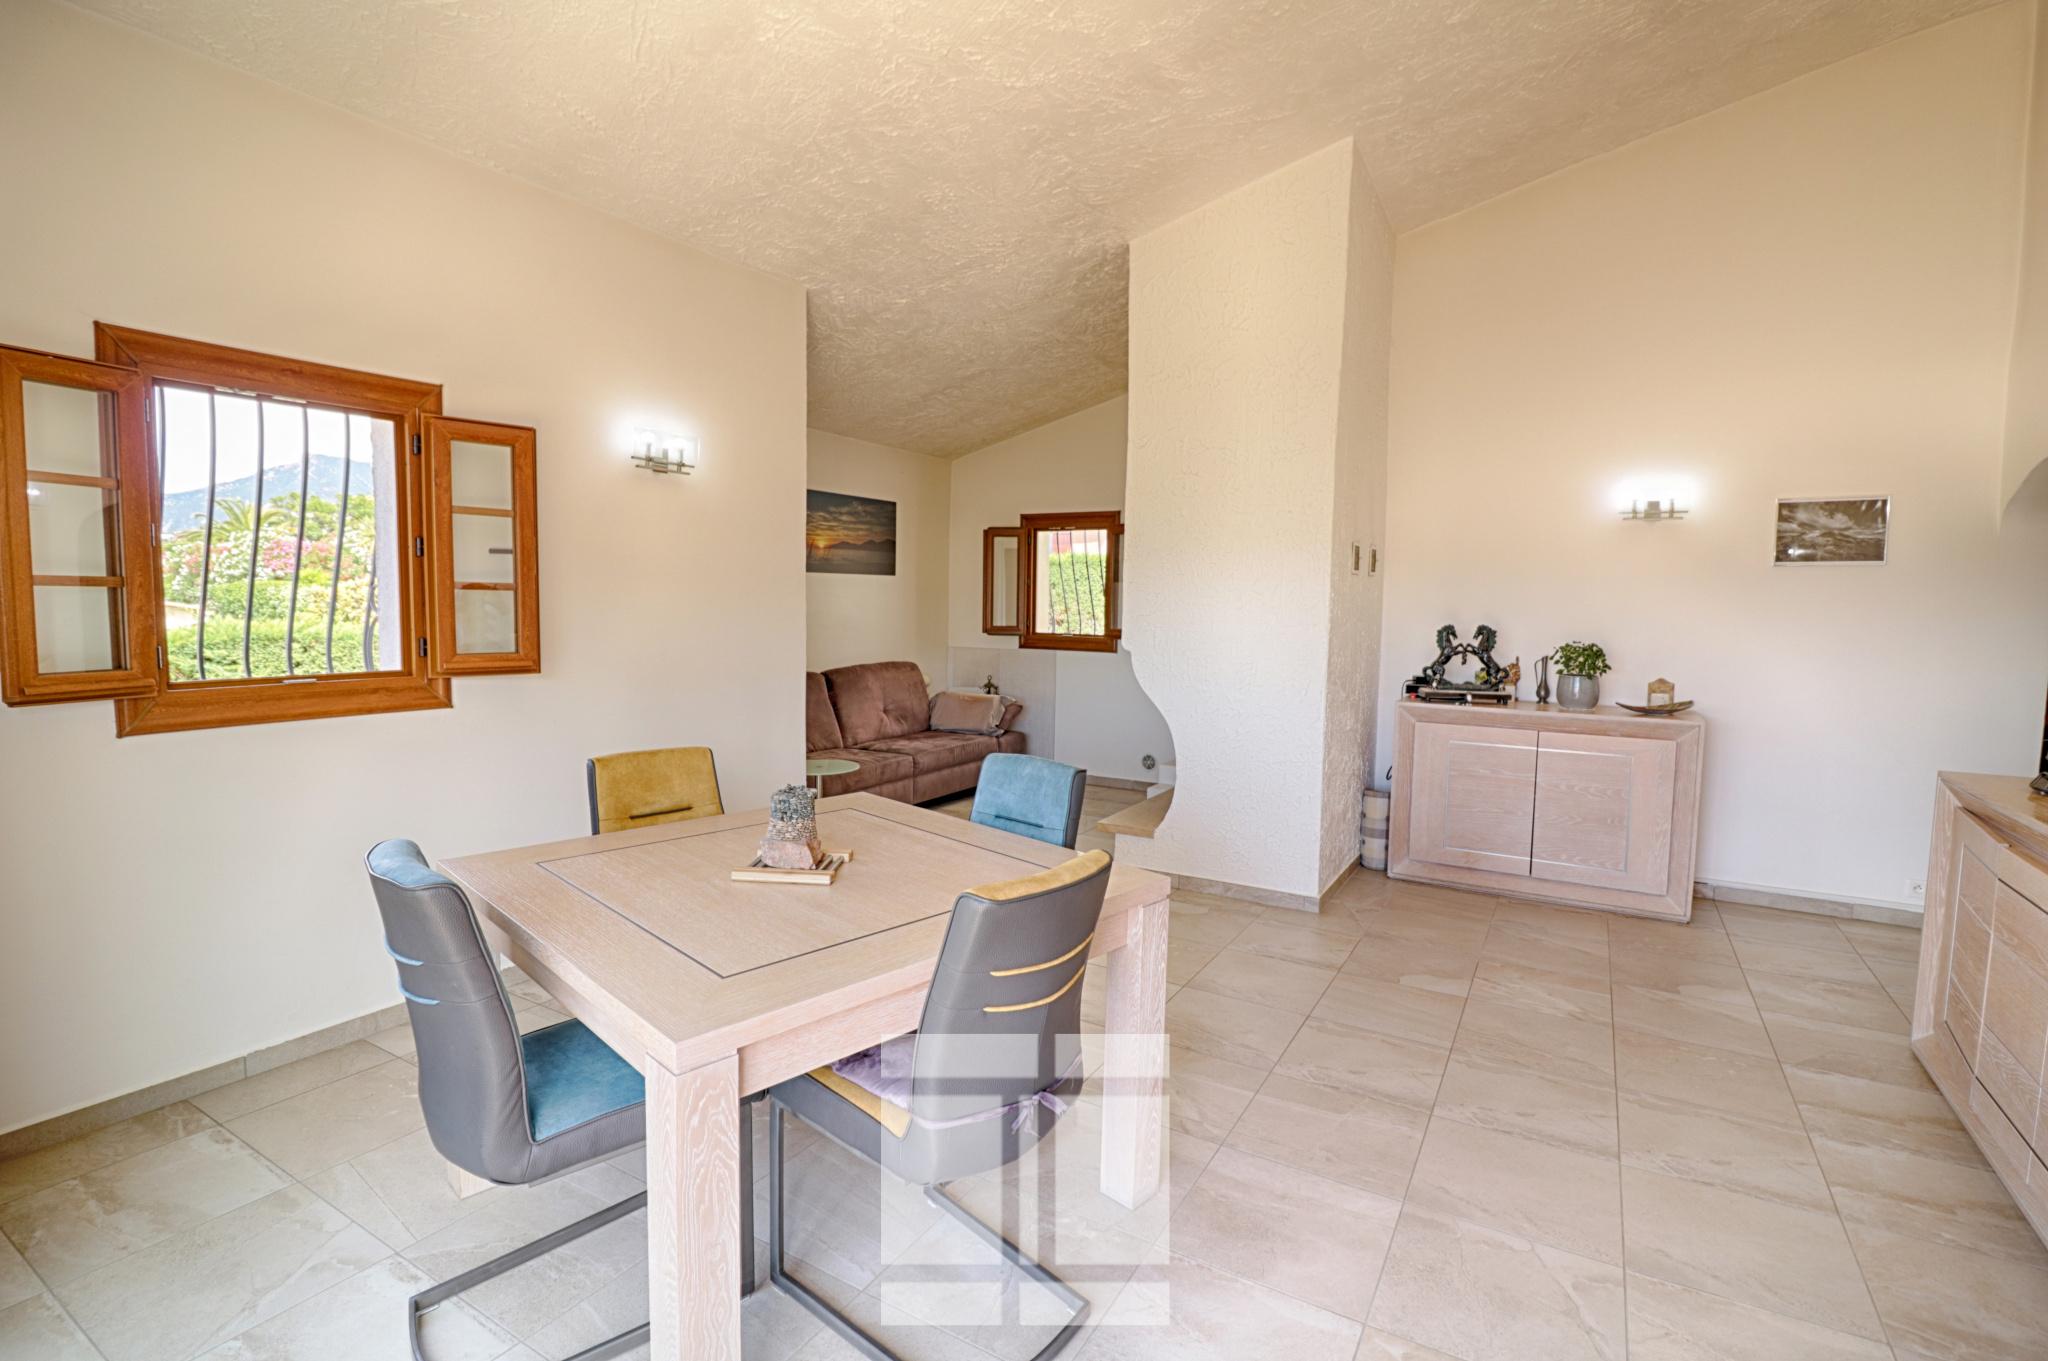 Porticcio - Jolie maison en excellent état au centre de la Rive Sud